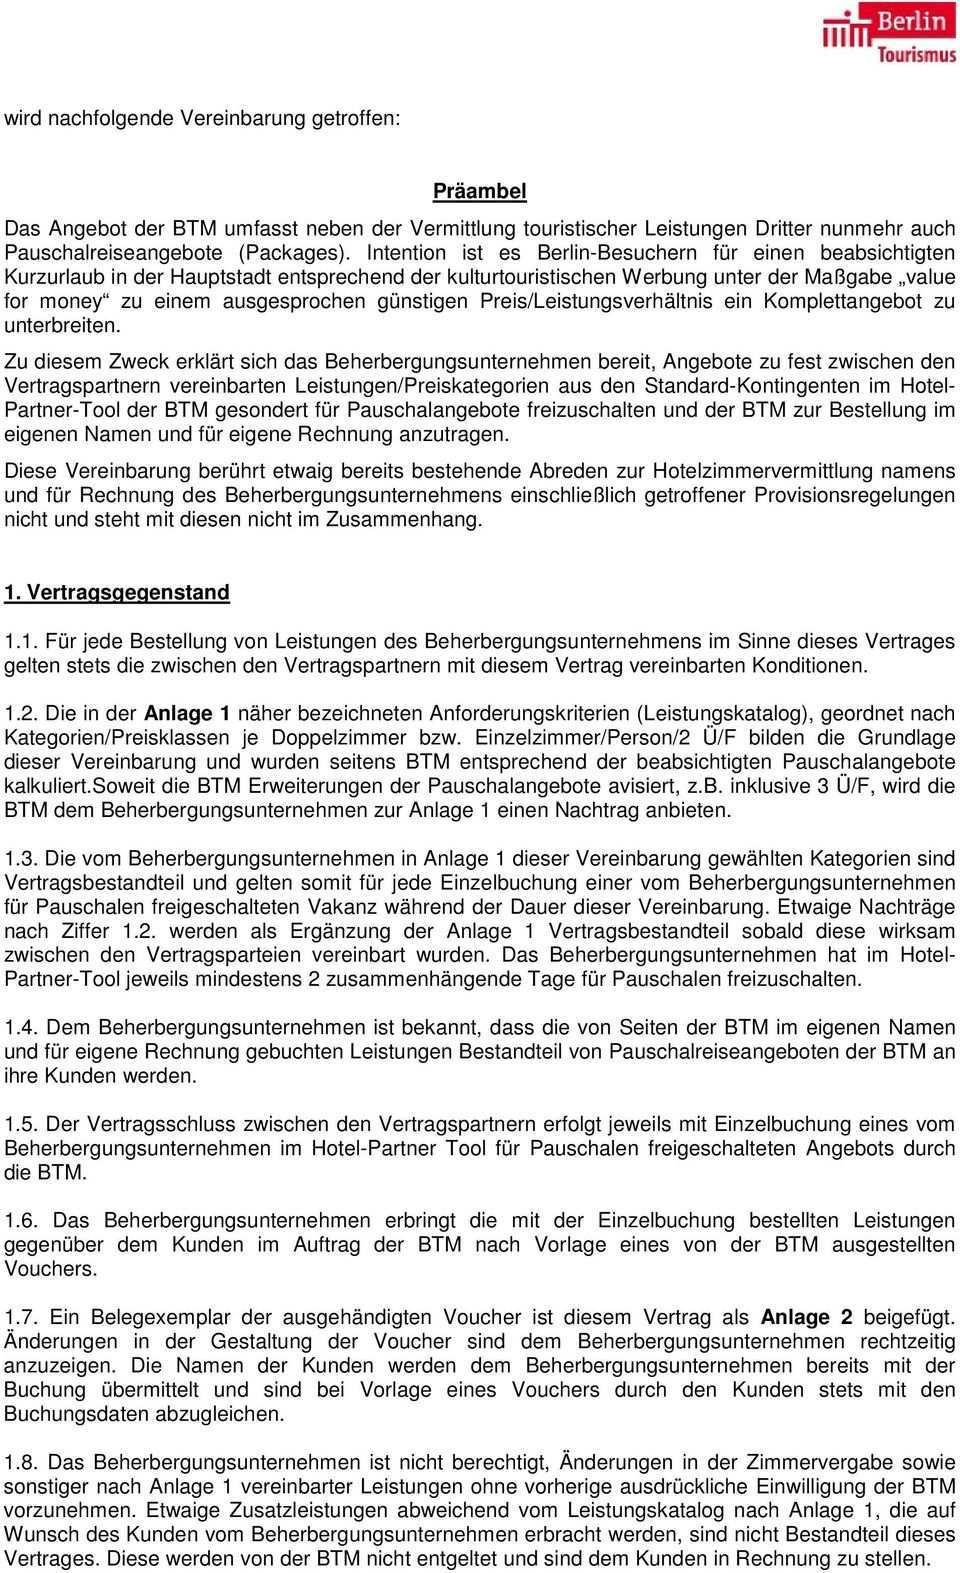 Rahmenvertrag Zur Hotelreservierung Fur Reisepauschalangebote Der Berlin Tourismus Marketing Gmbh Pdf Kostenfreier Download